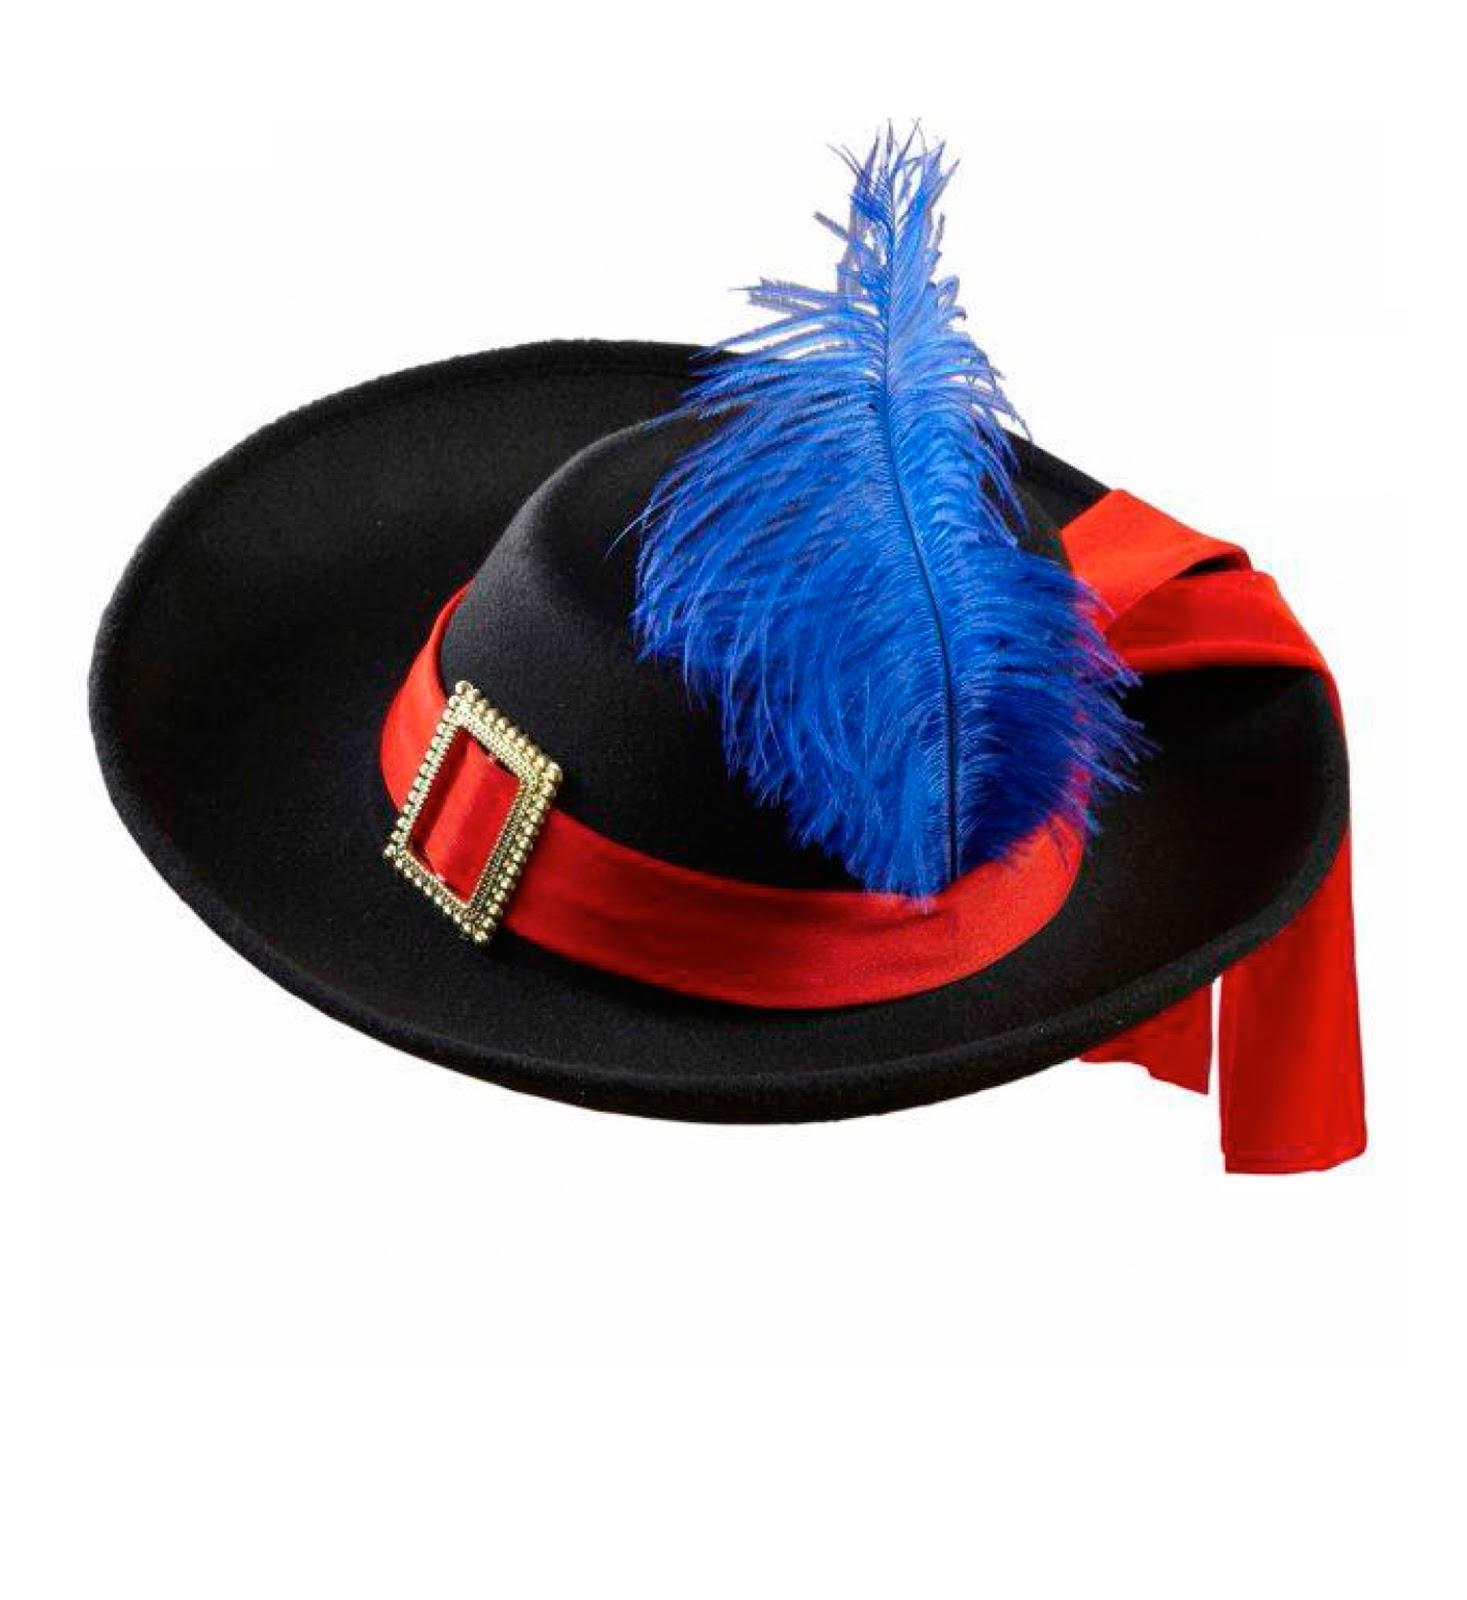 b80536a15f486 Pichardo Disfraces  Sombreros   Sombreros   08 Sombrero Mosquetero ...